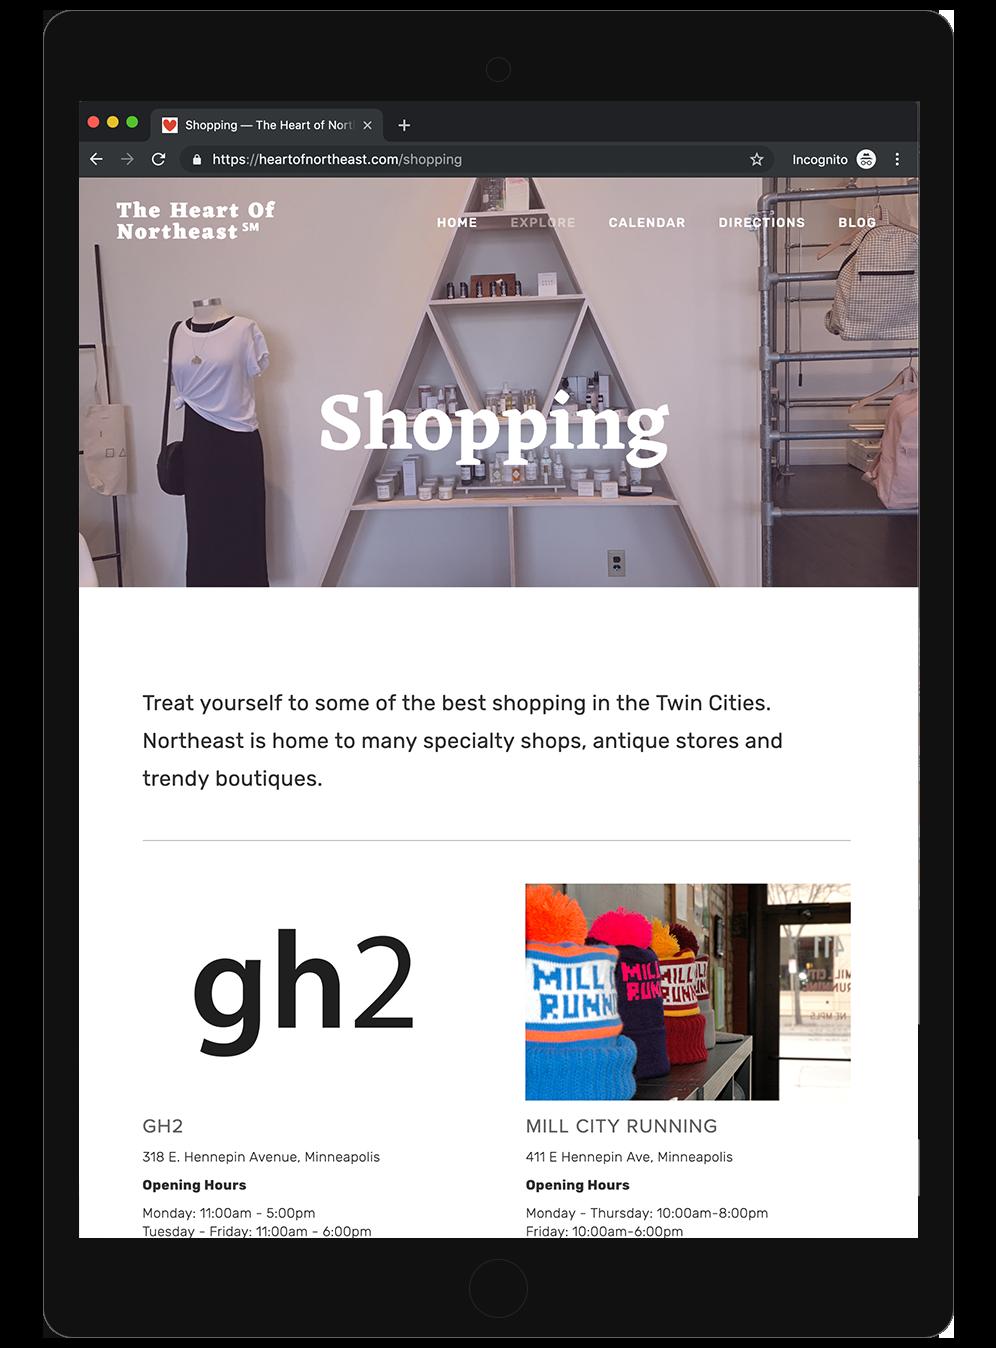 neba-tablet-website-design.png